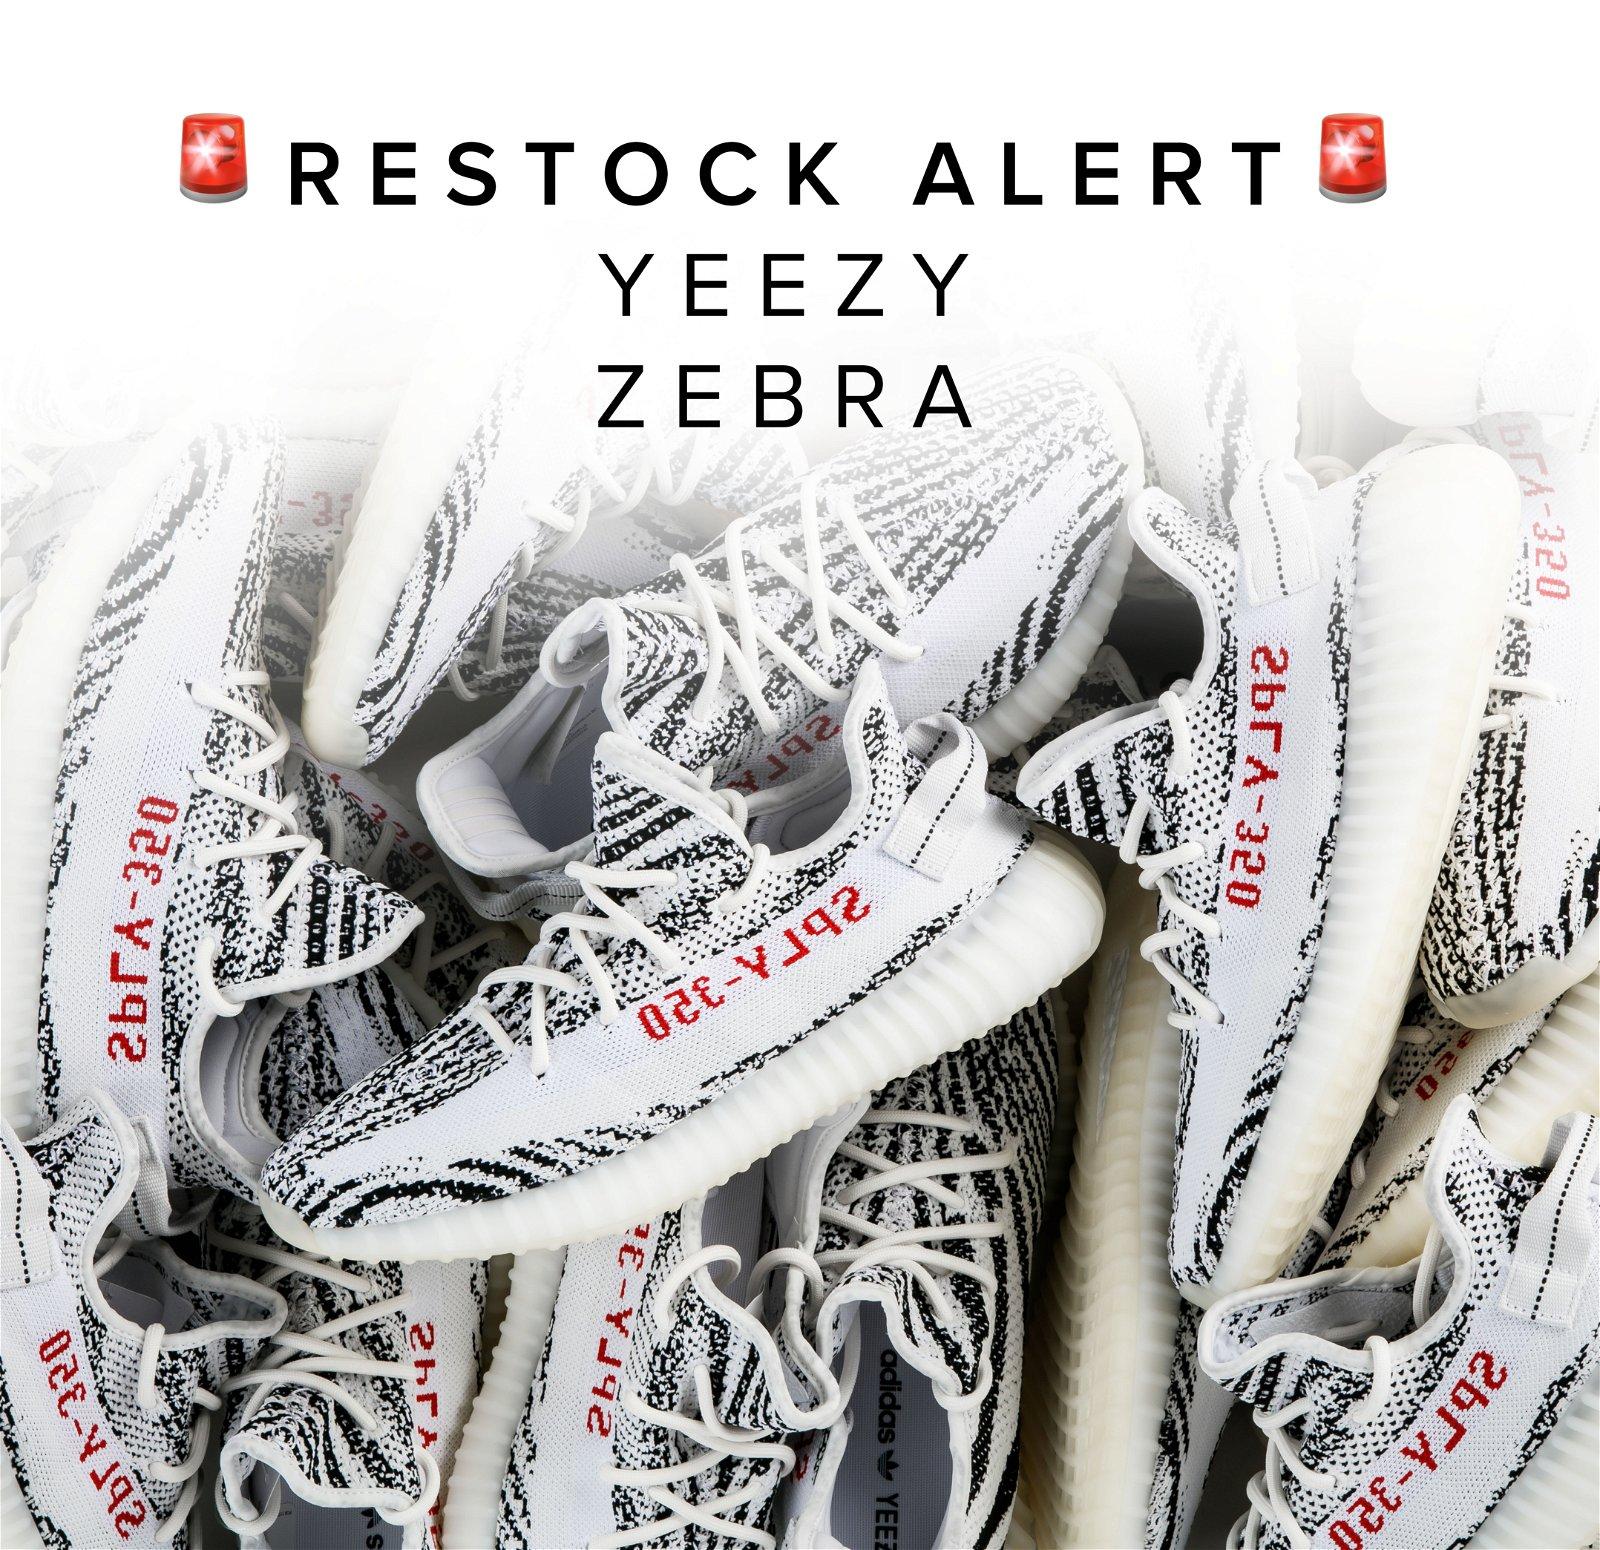 Yeezy Boost 350 V2 'Zebra